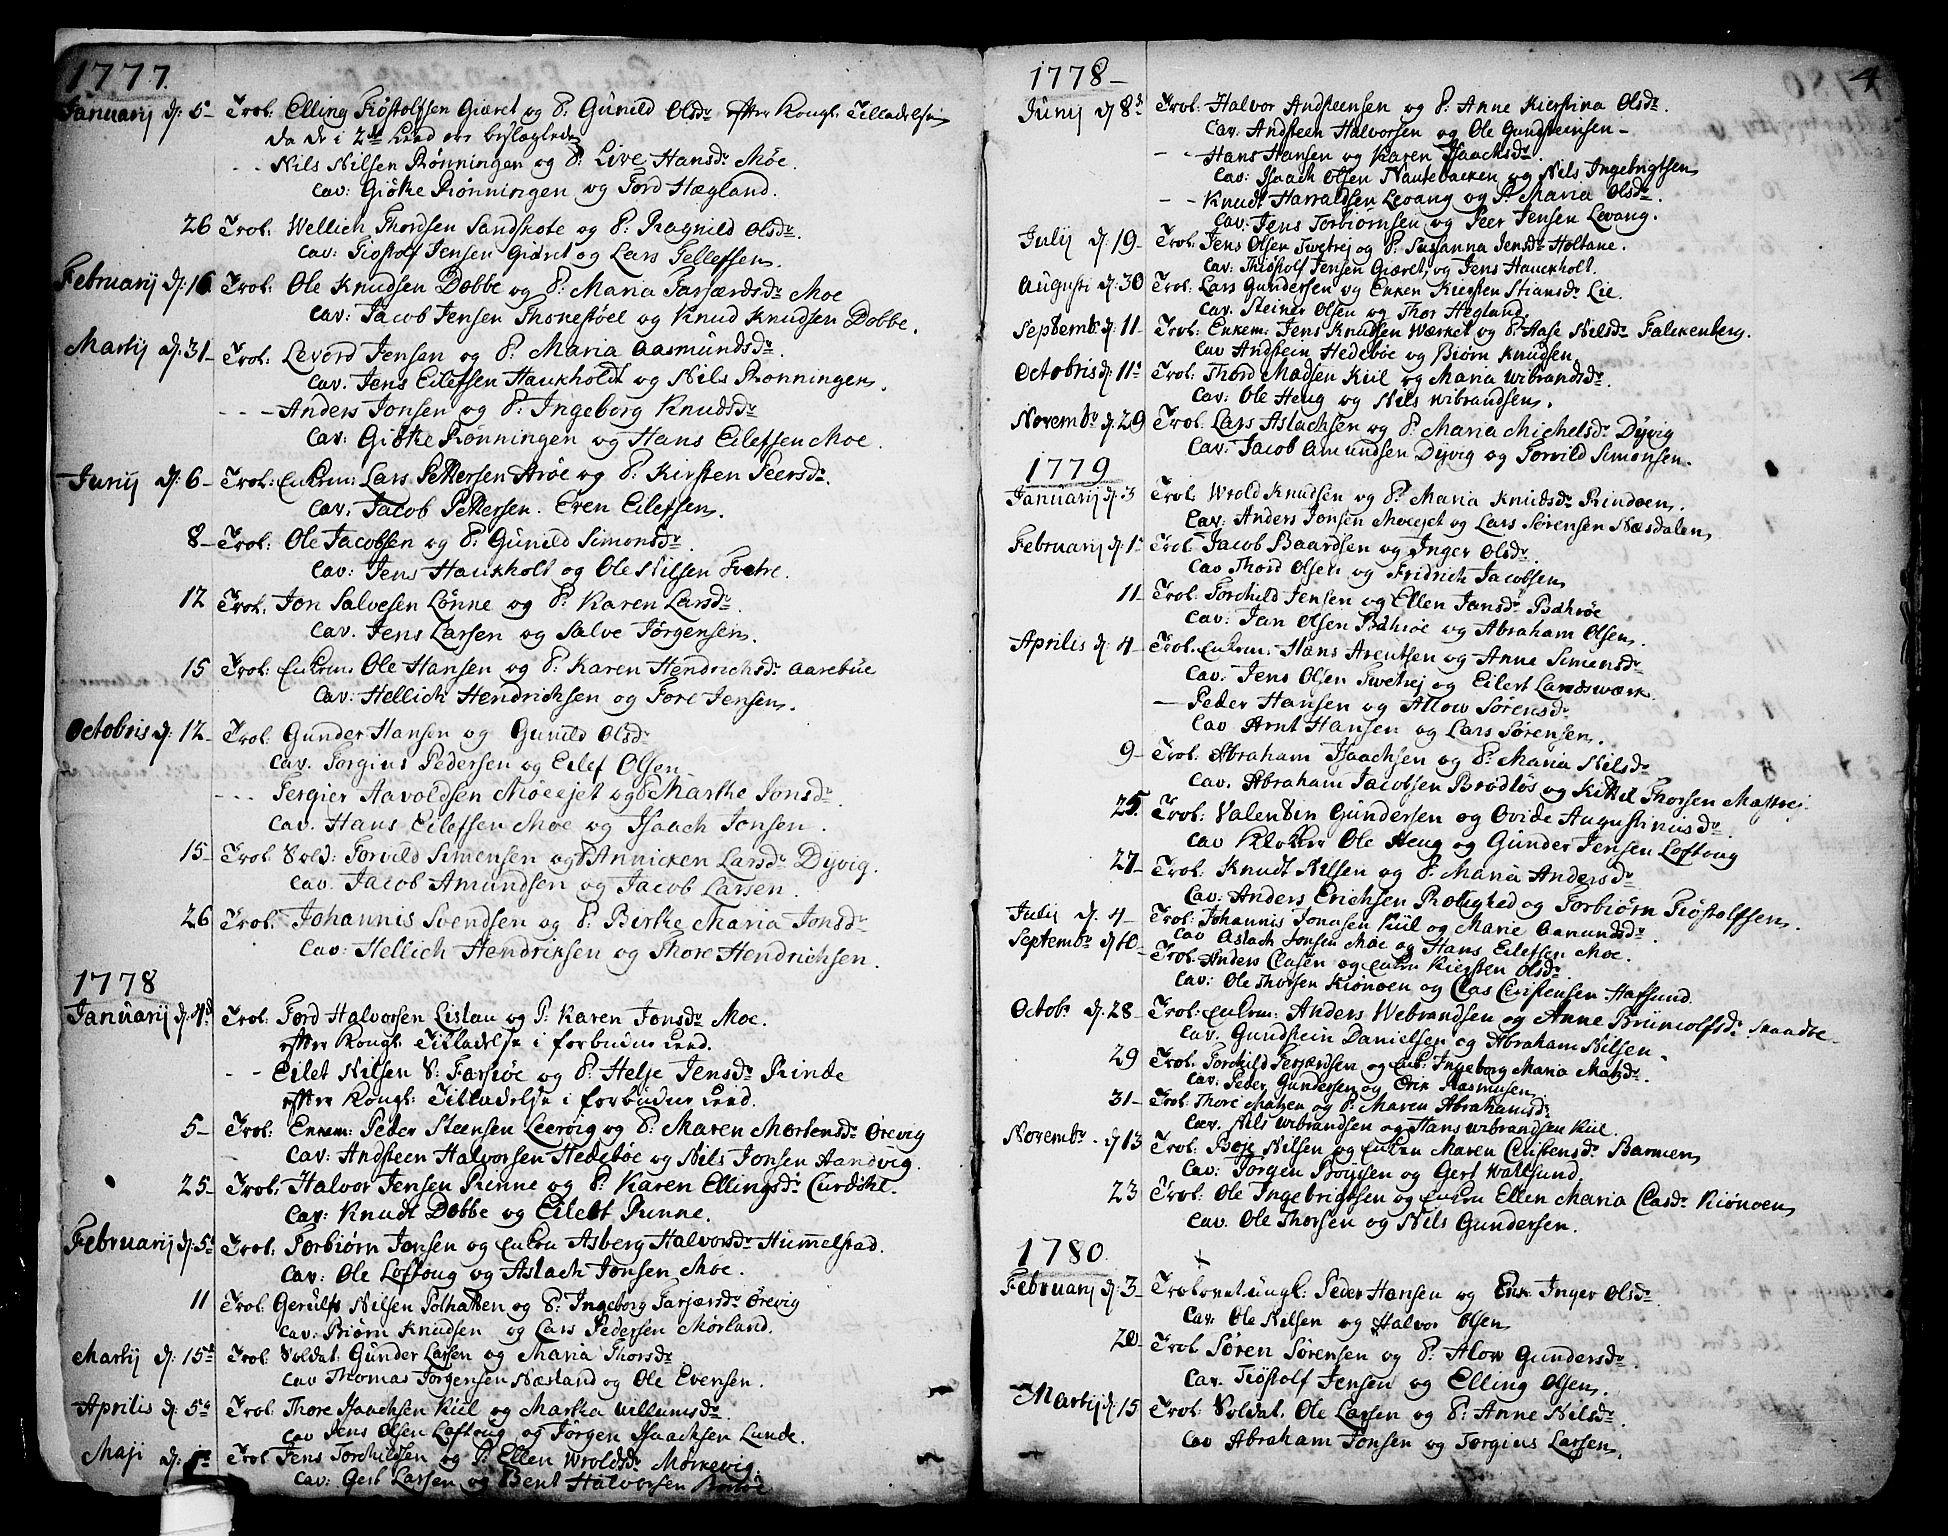 SAKO, Sannidal kirkebøker, F/Fa/L0002: Ministerialbok nr. 2, 1767-1802, s. 4